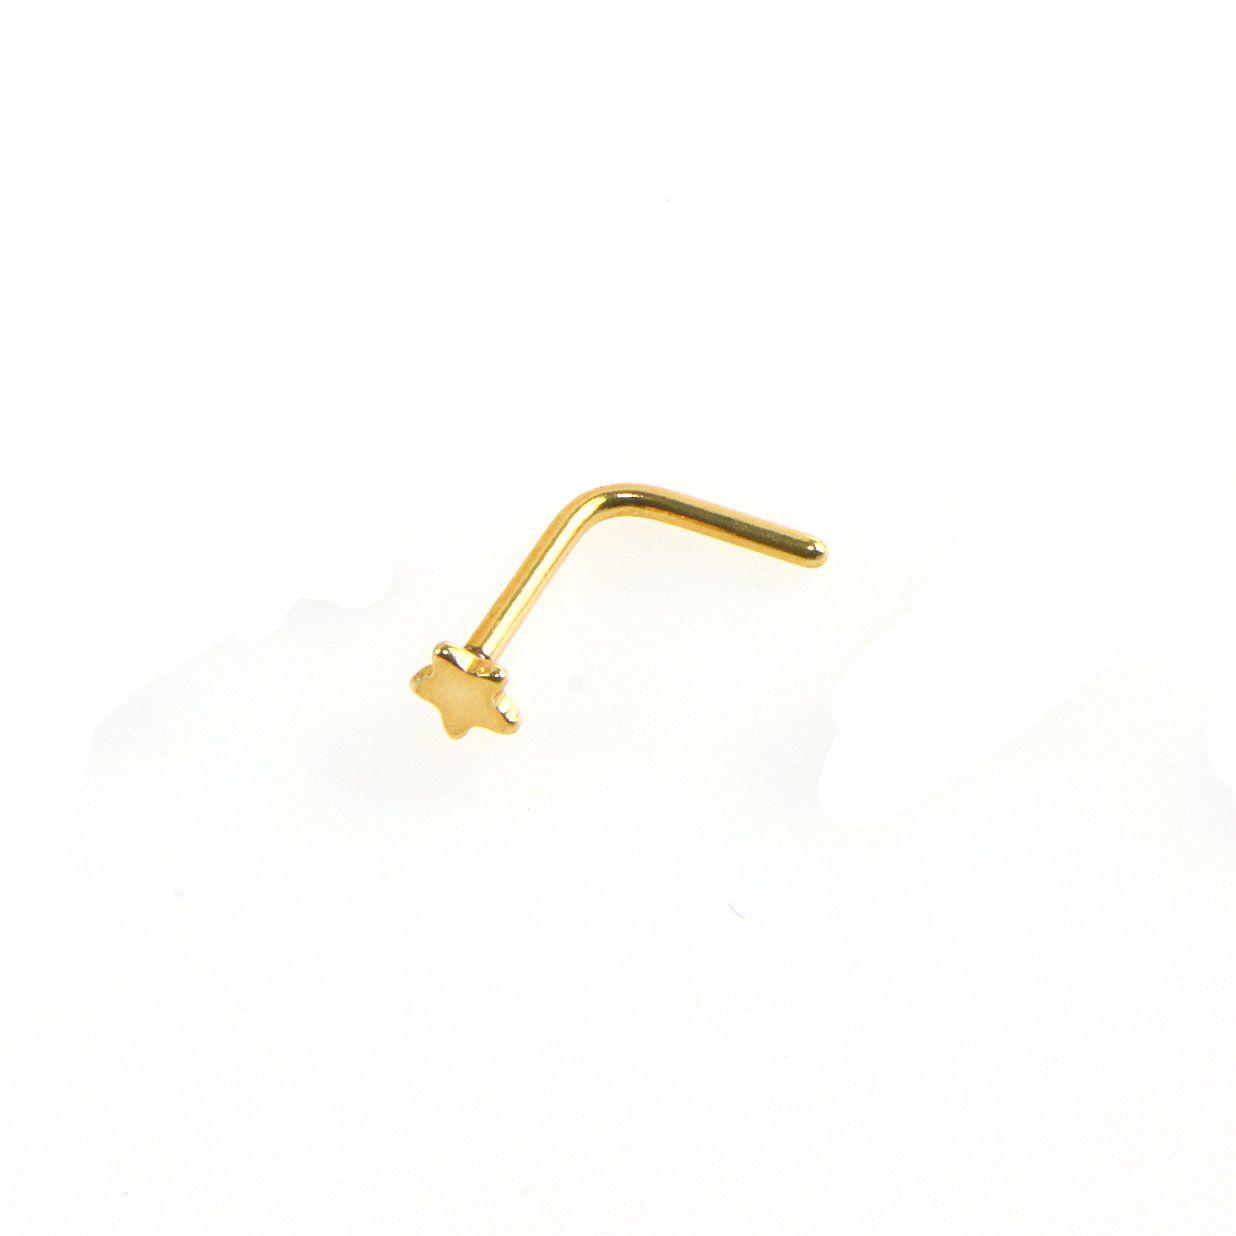 Yıldız paslanmaz çelik burun piercing